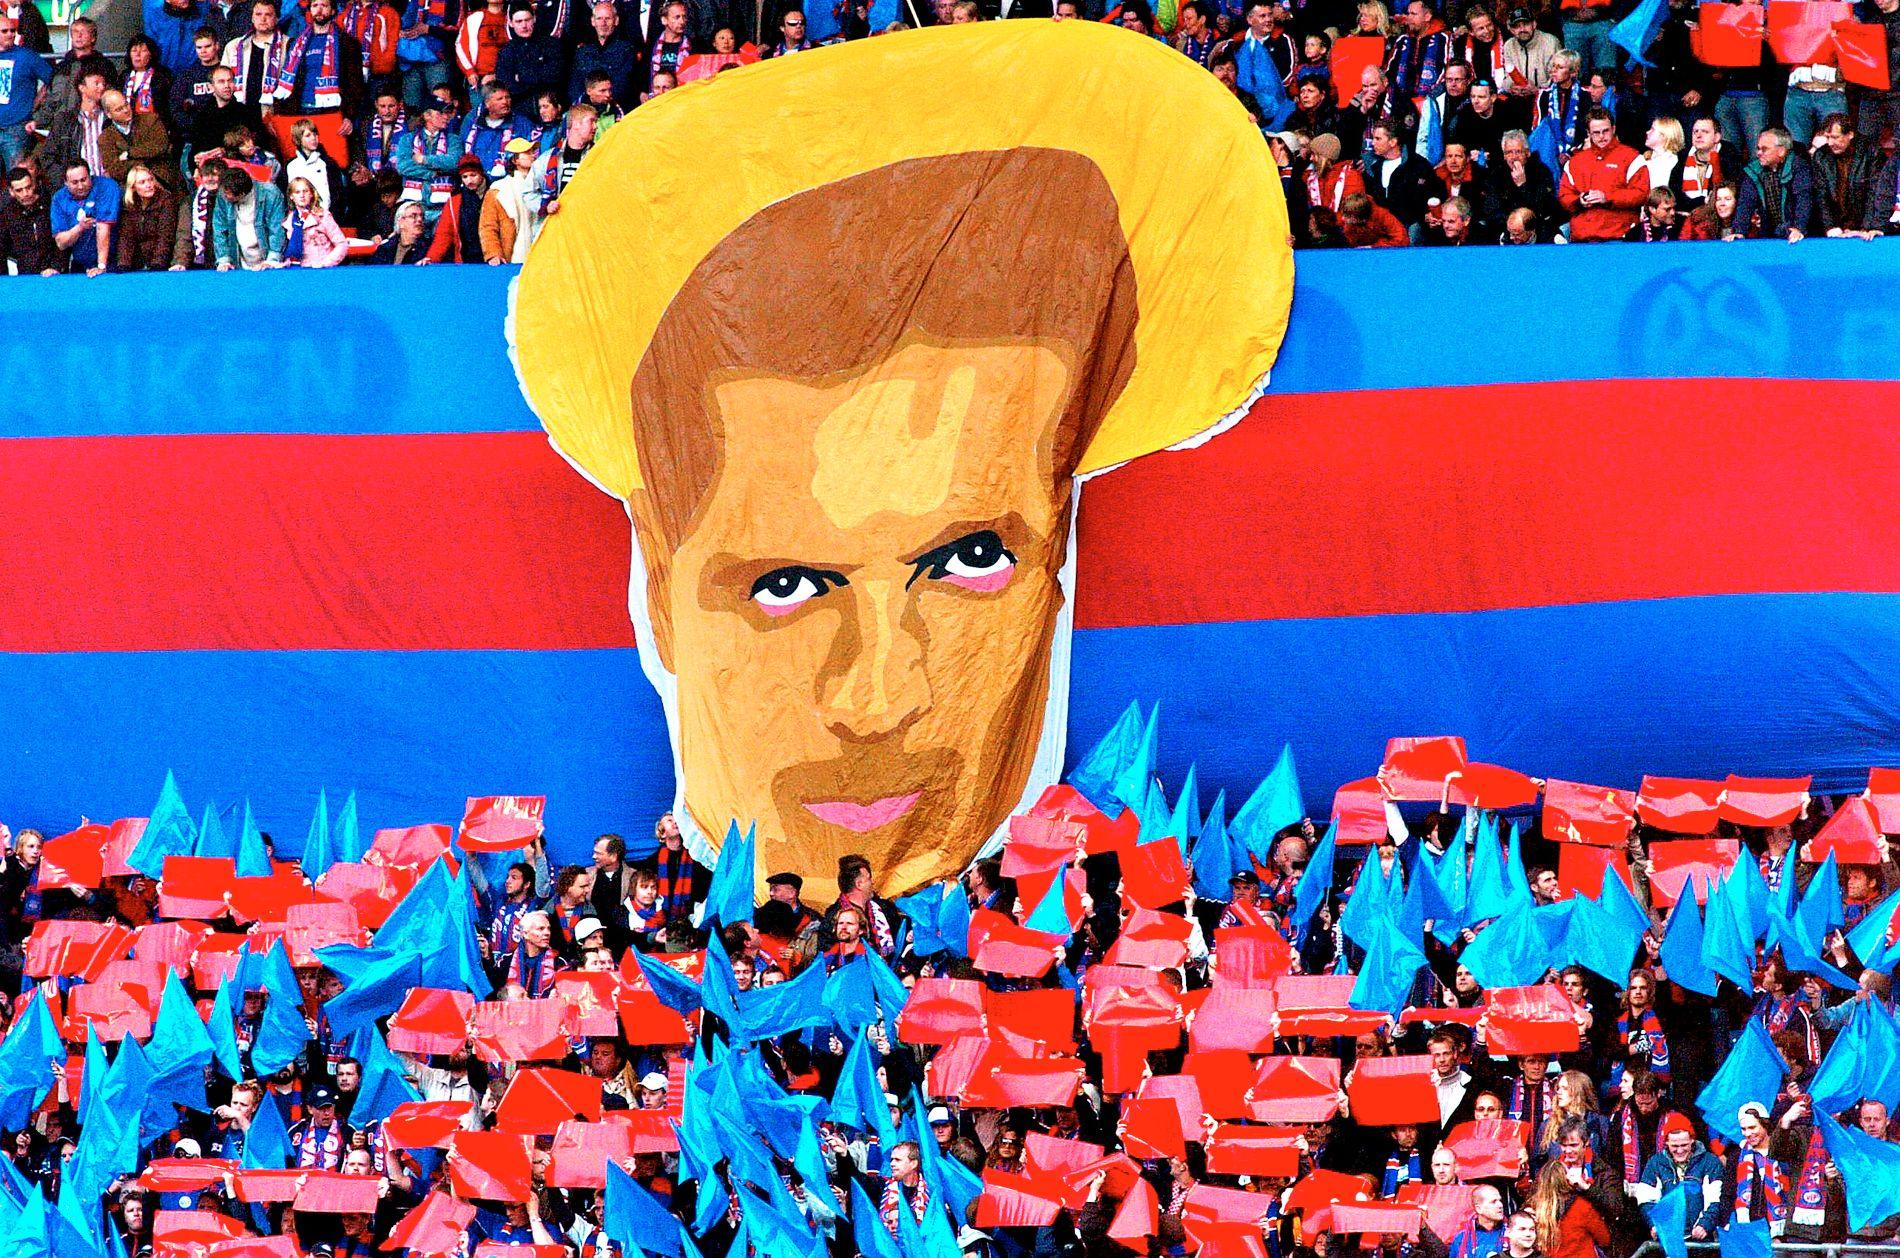 GLADERE DAGER: Kjetil Rekdals ansikt på et banner fra Klanen i 2005. Da vant Vålerenga seriegull med Rekdal som sjef.